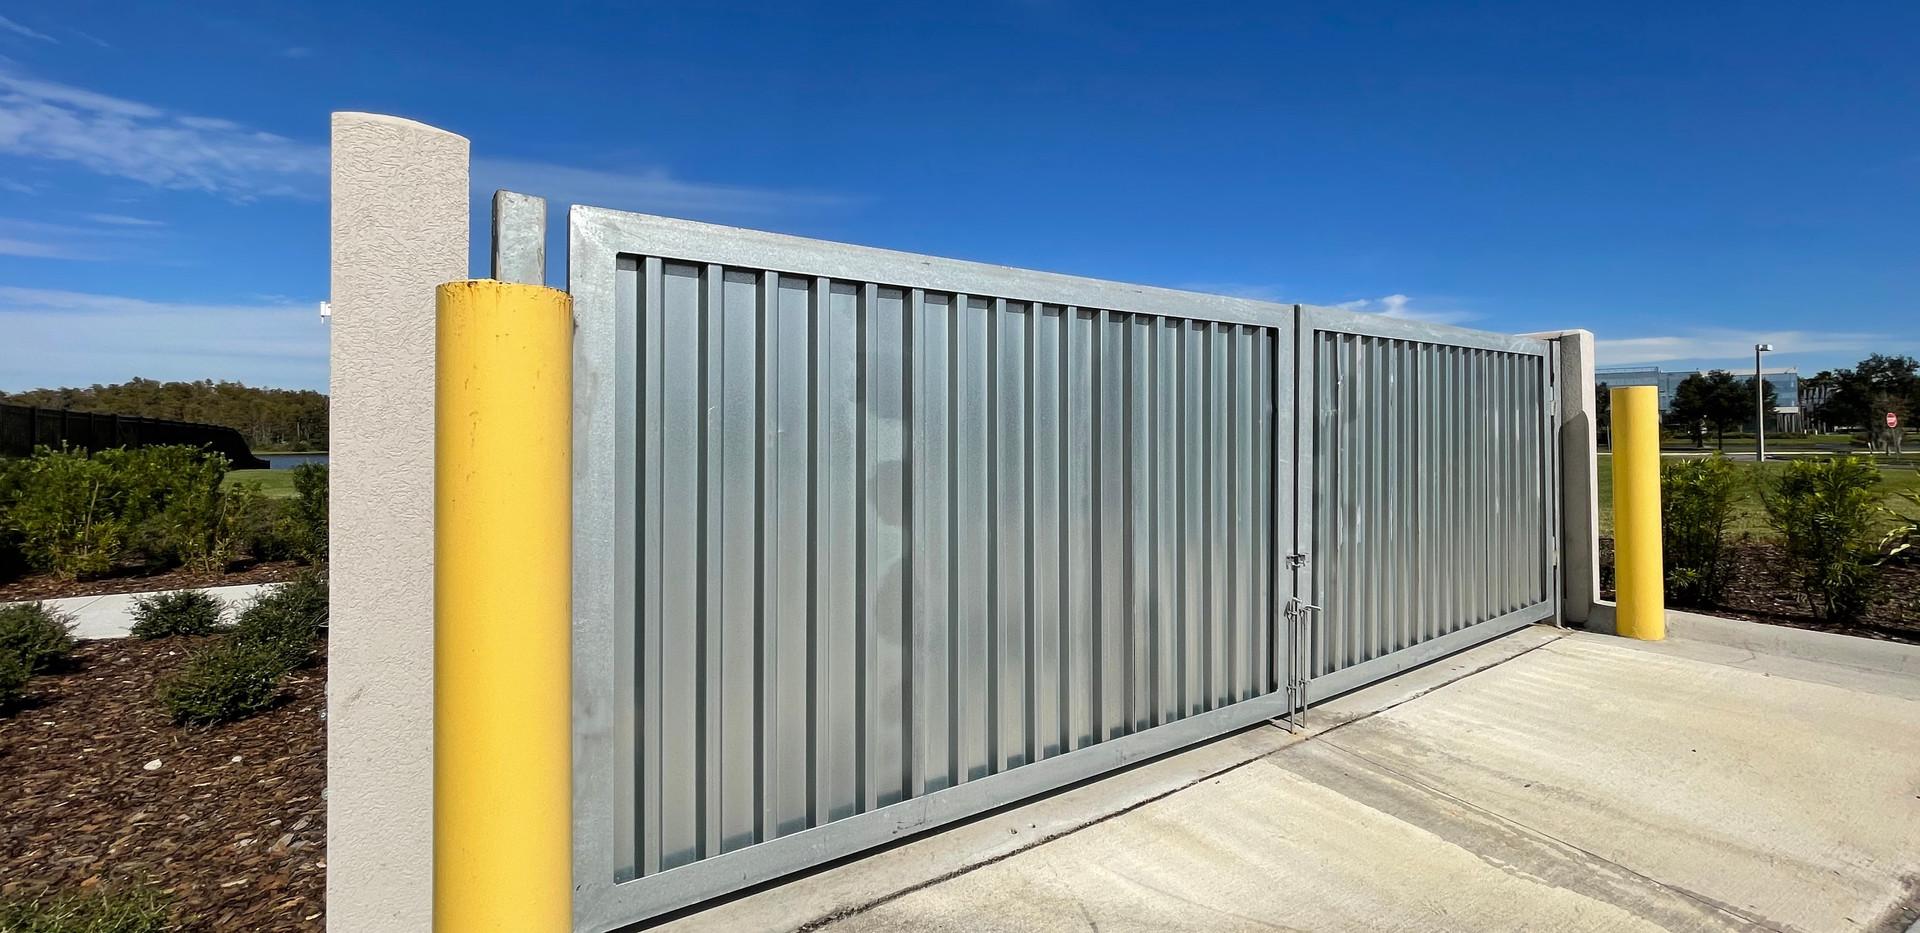 DPR Galvanized Dumpster Gates